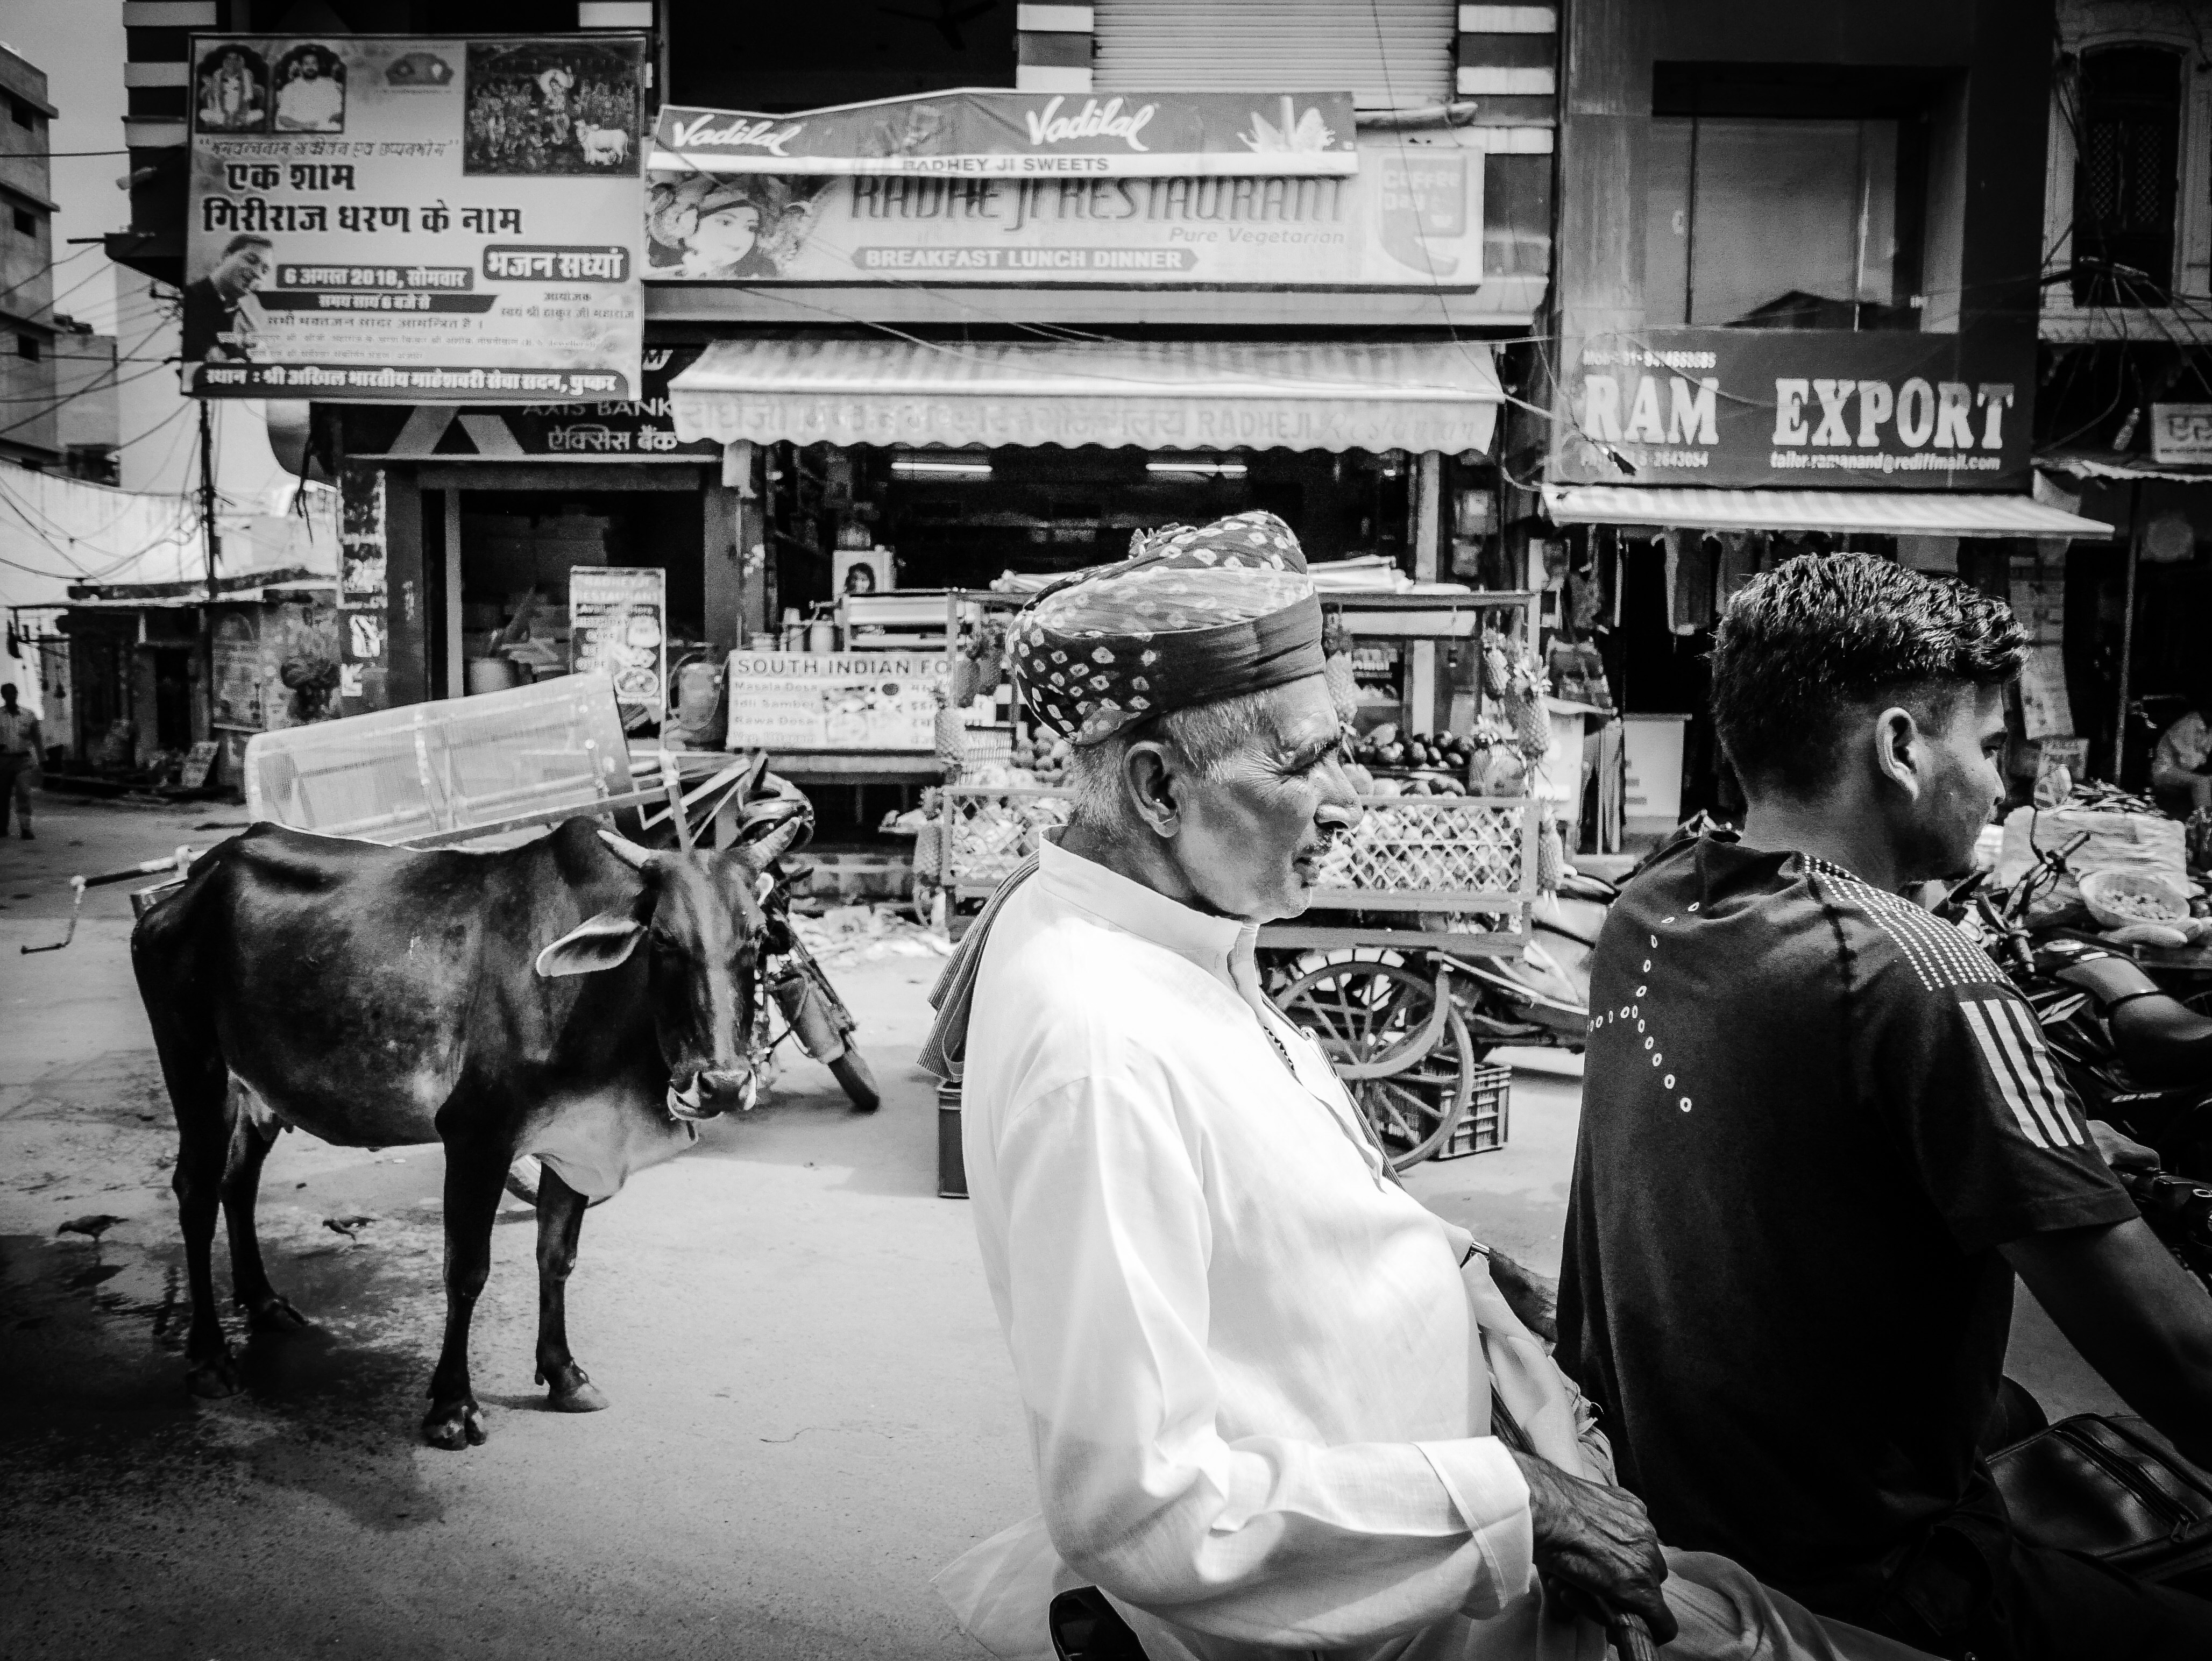 Pushkar, India, August 2018